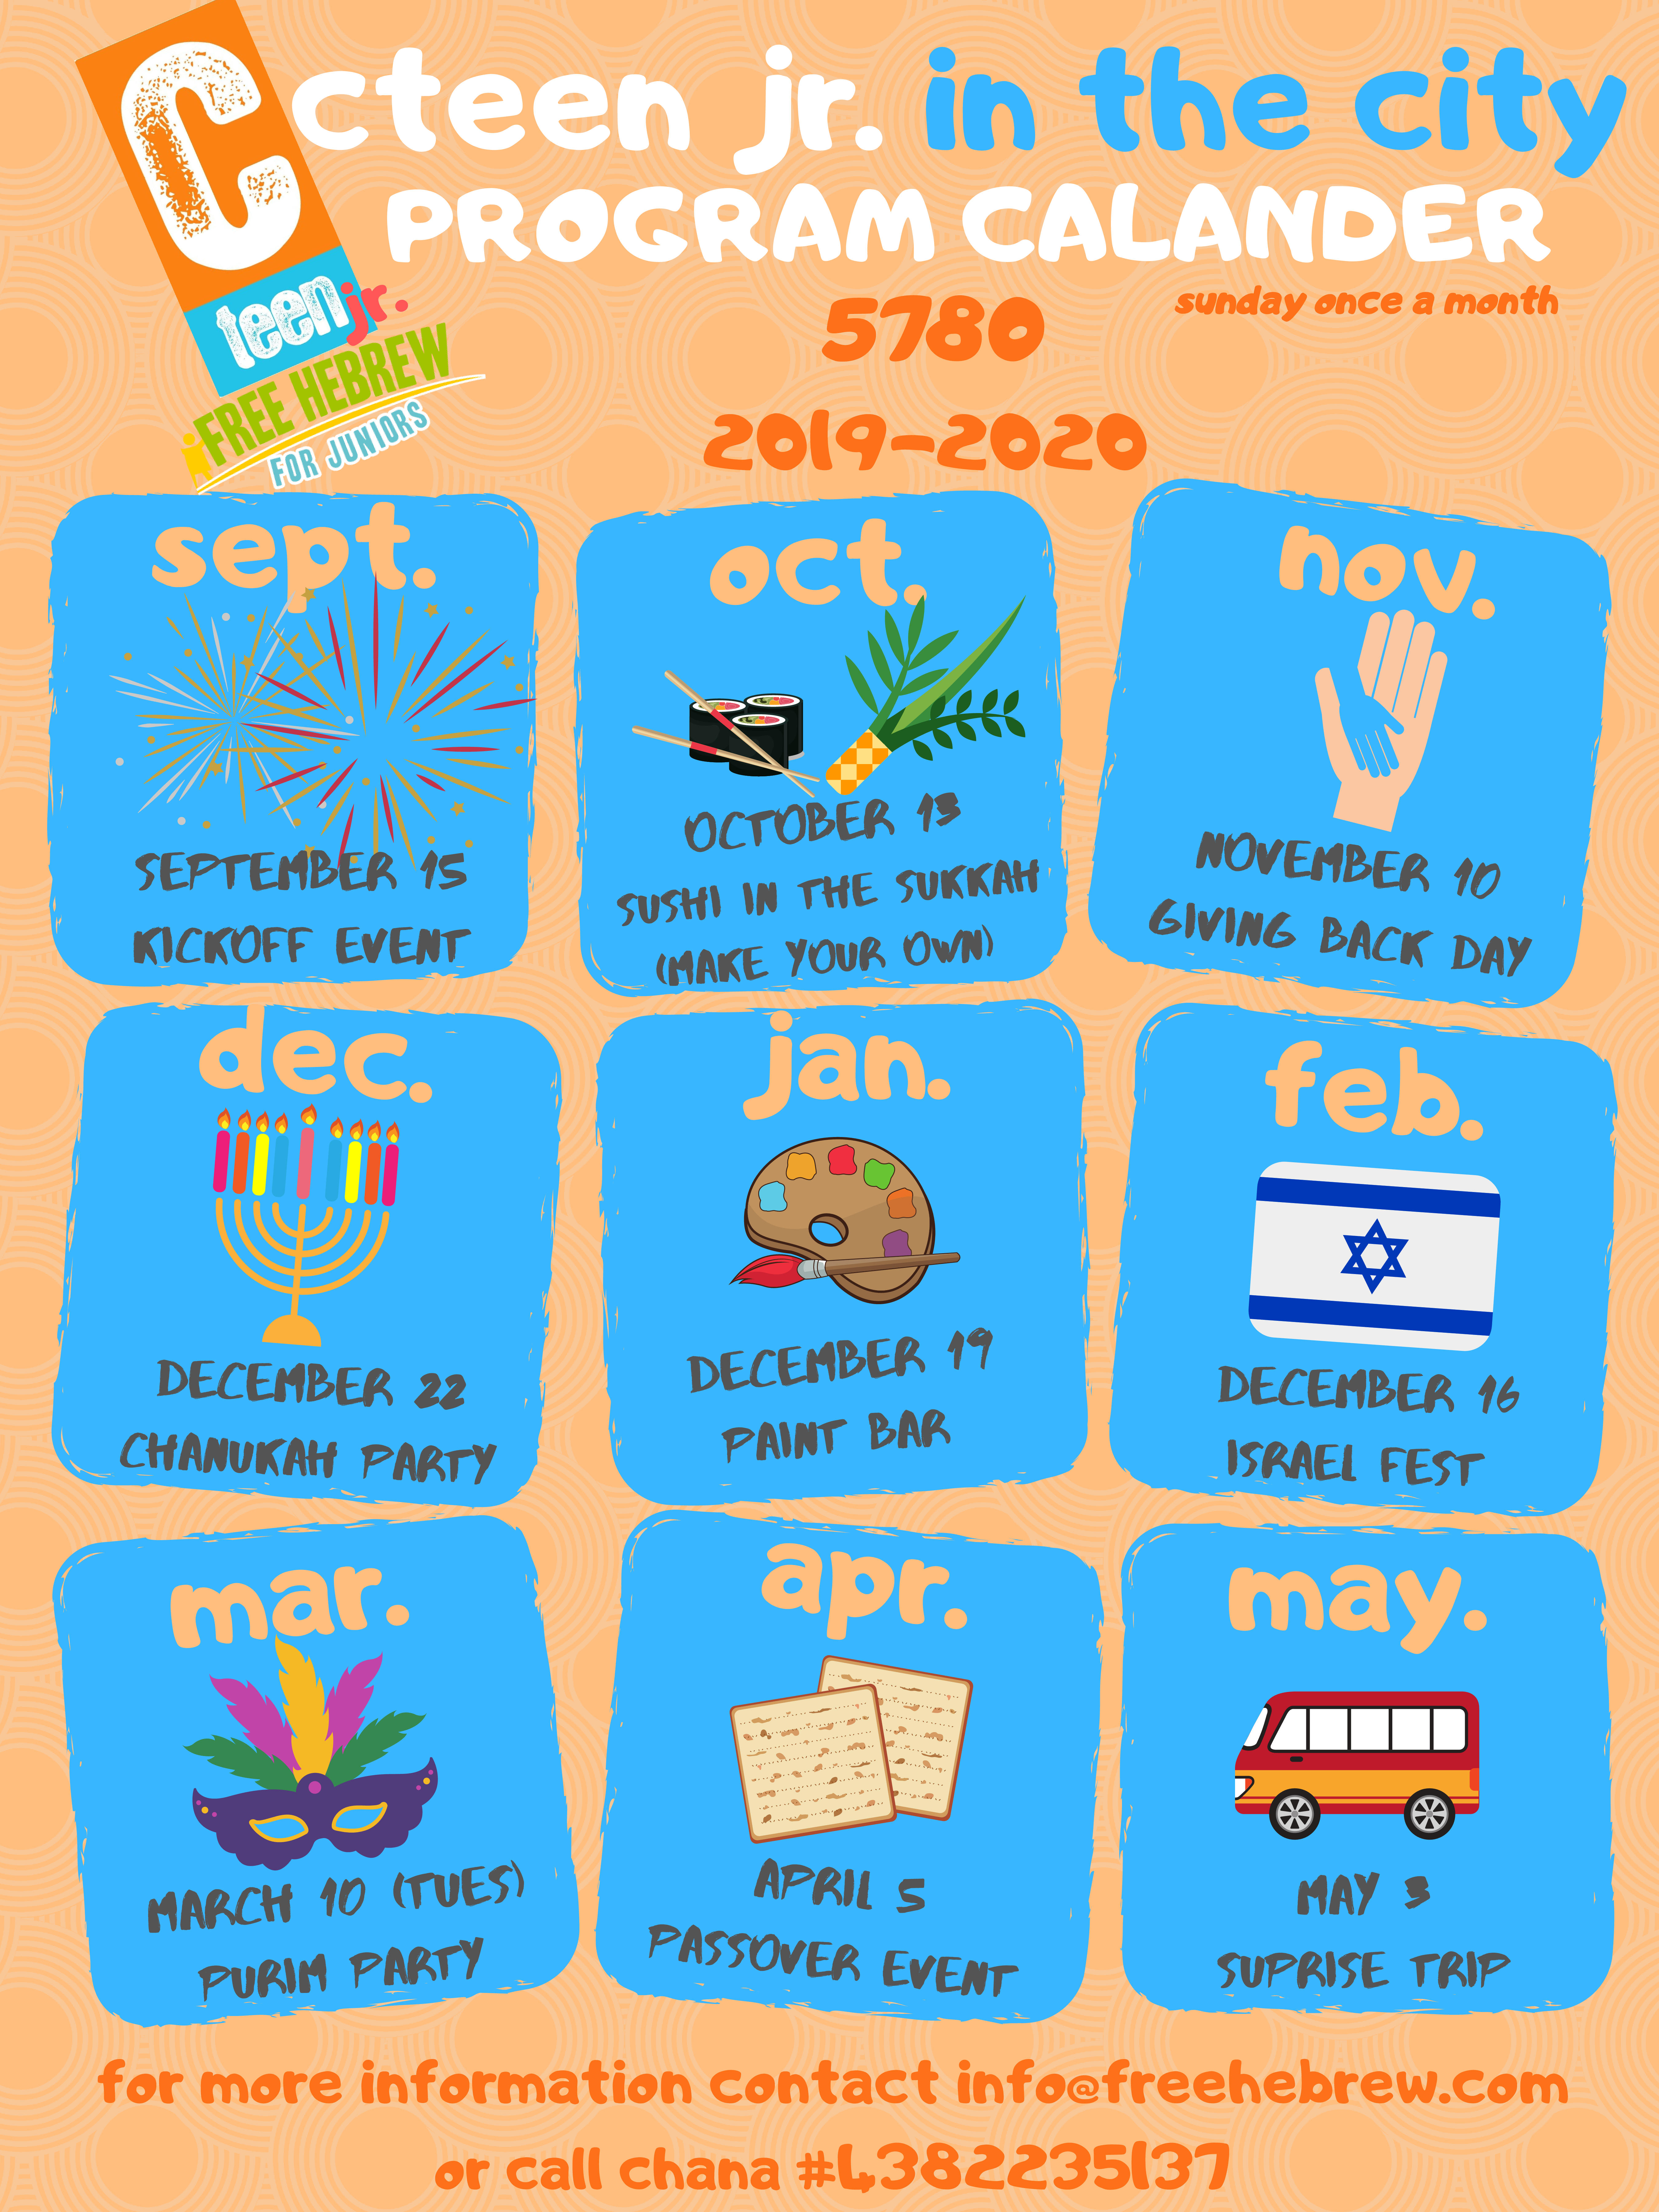 cteen jr monthly calendar 2019 2020.jpg